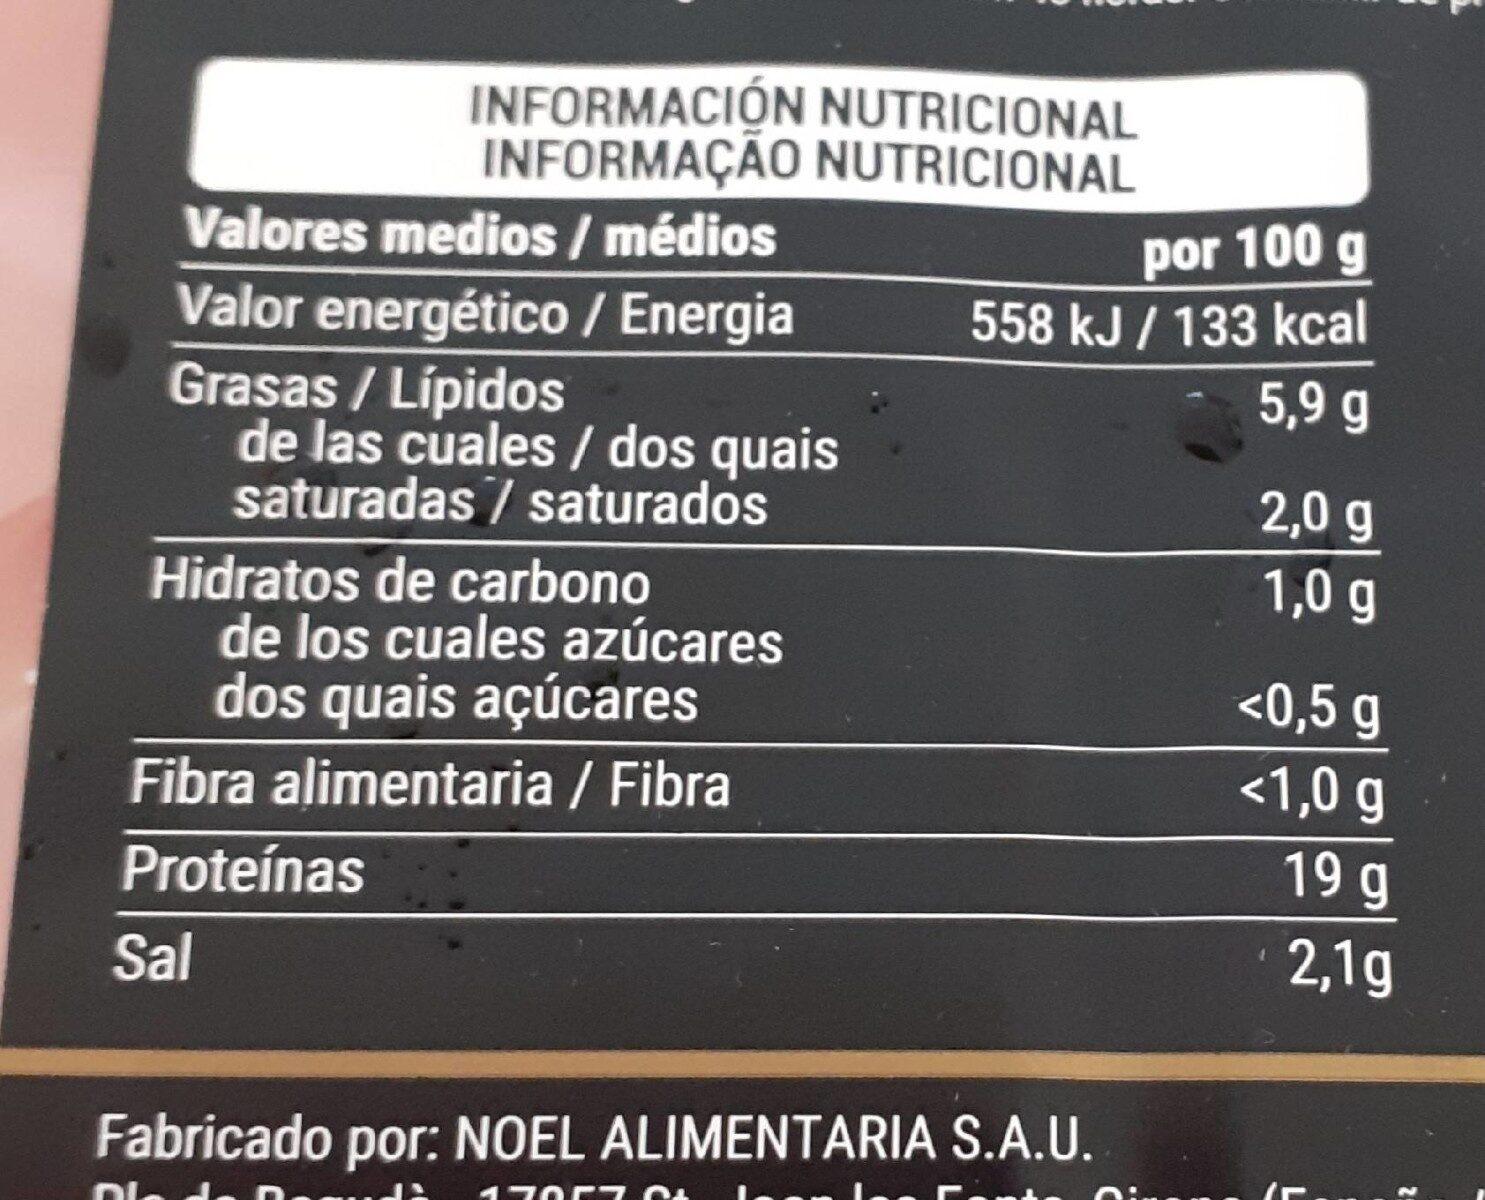 Jambon cocido - Información nutricional - es